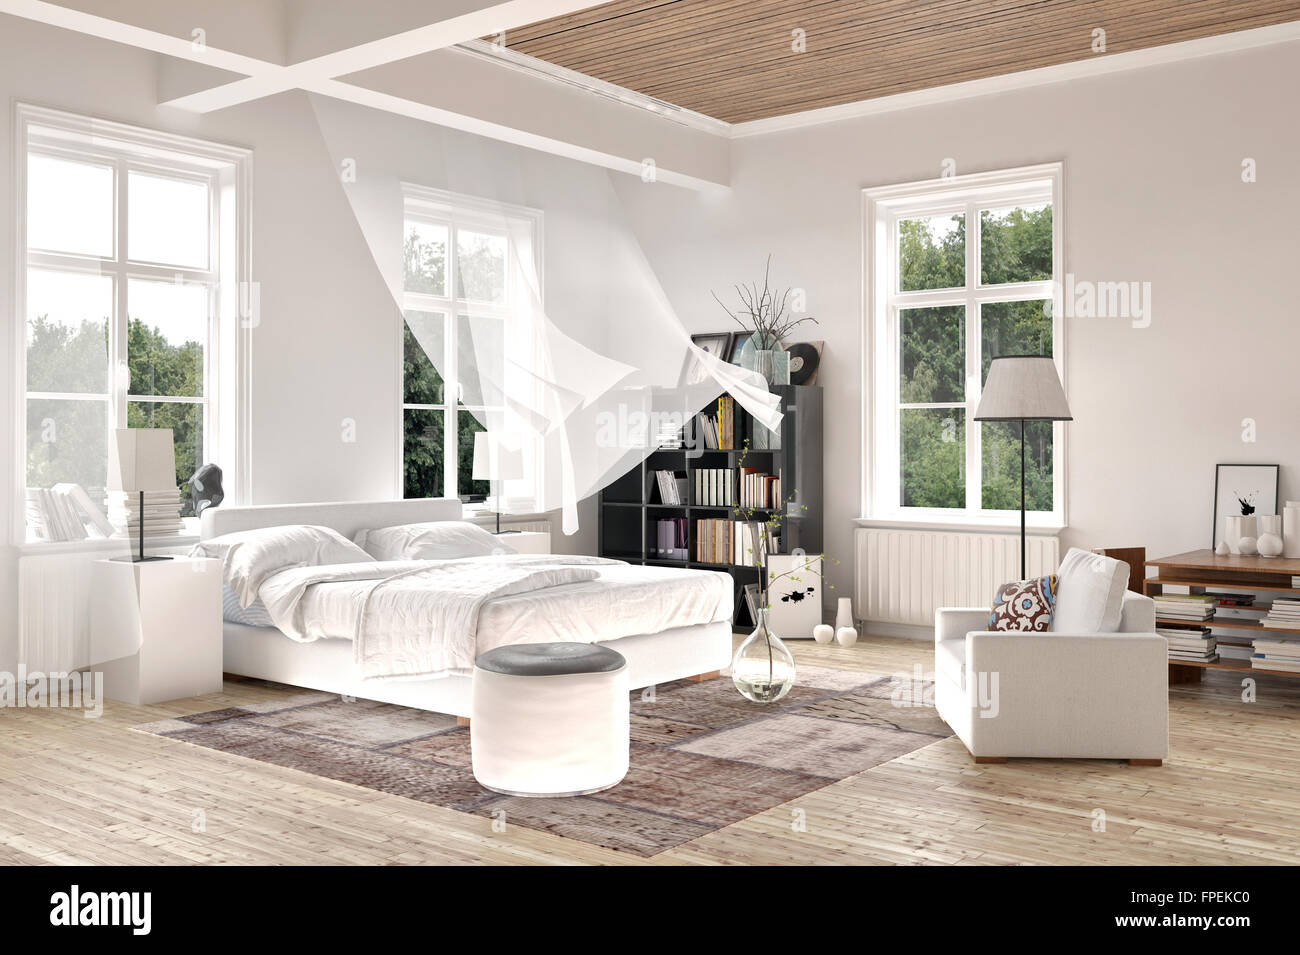 Helle wei e luxus gerendert schlafzimmer innenraum mit weht vorh nge auf hohen fenstern ber ein - Schlafzimmer auf englisch ...